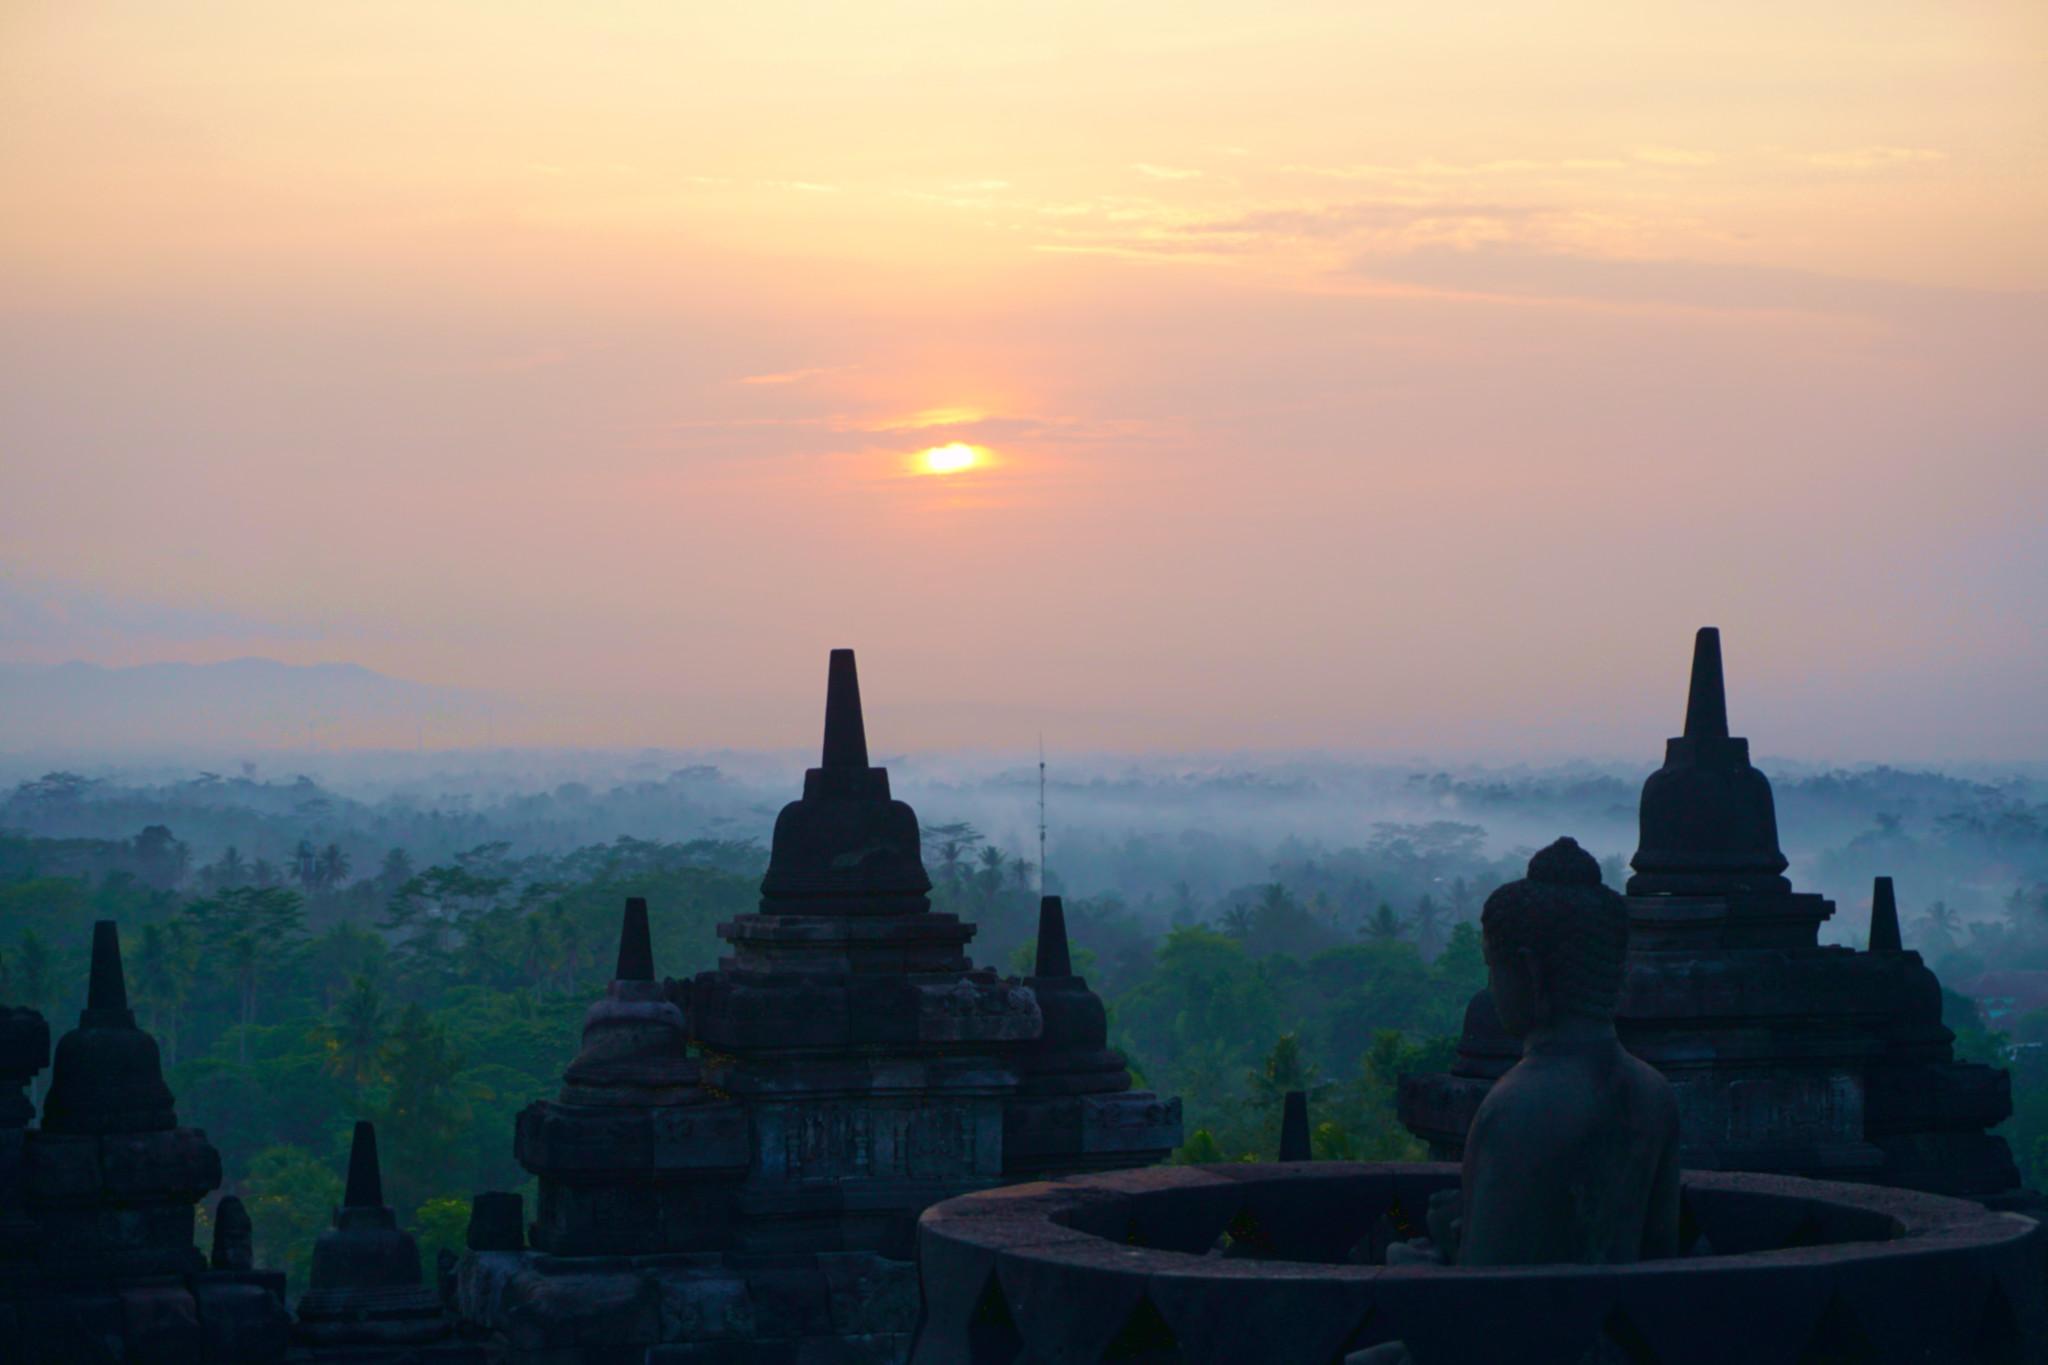 Aussicht von den Tempelanlagen von Borobodur zum Sonnenaufgang